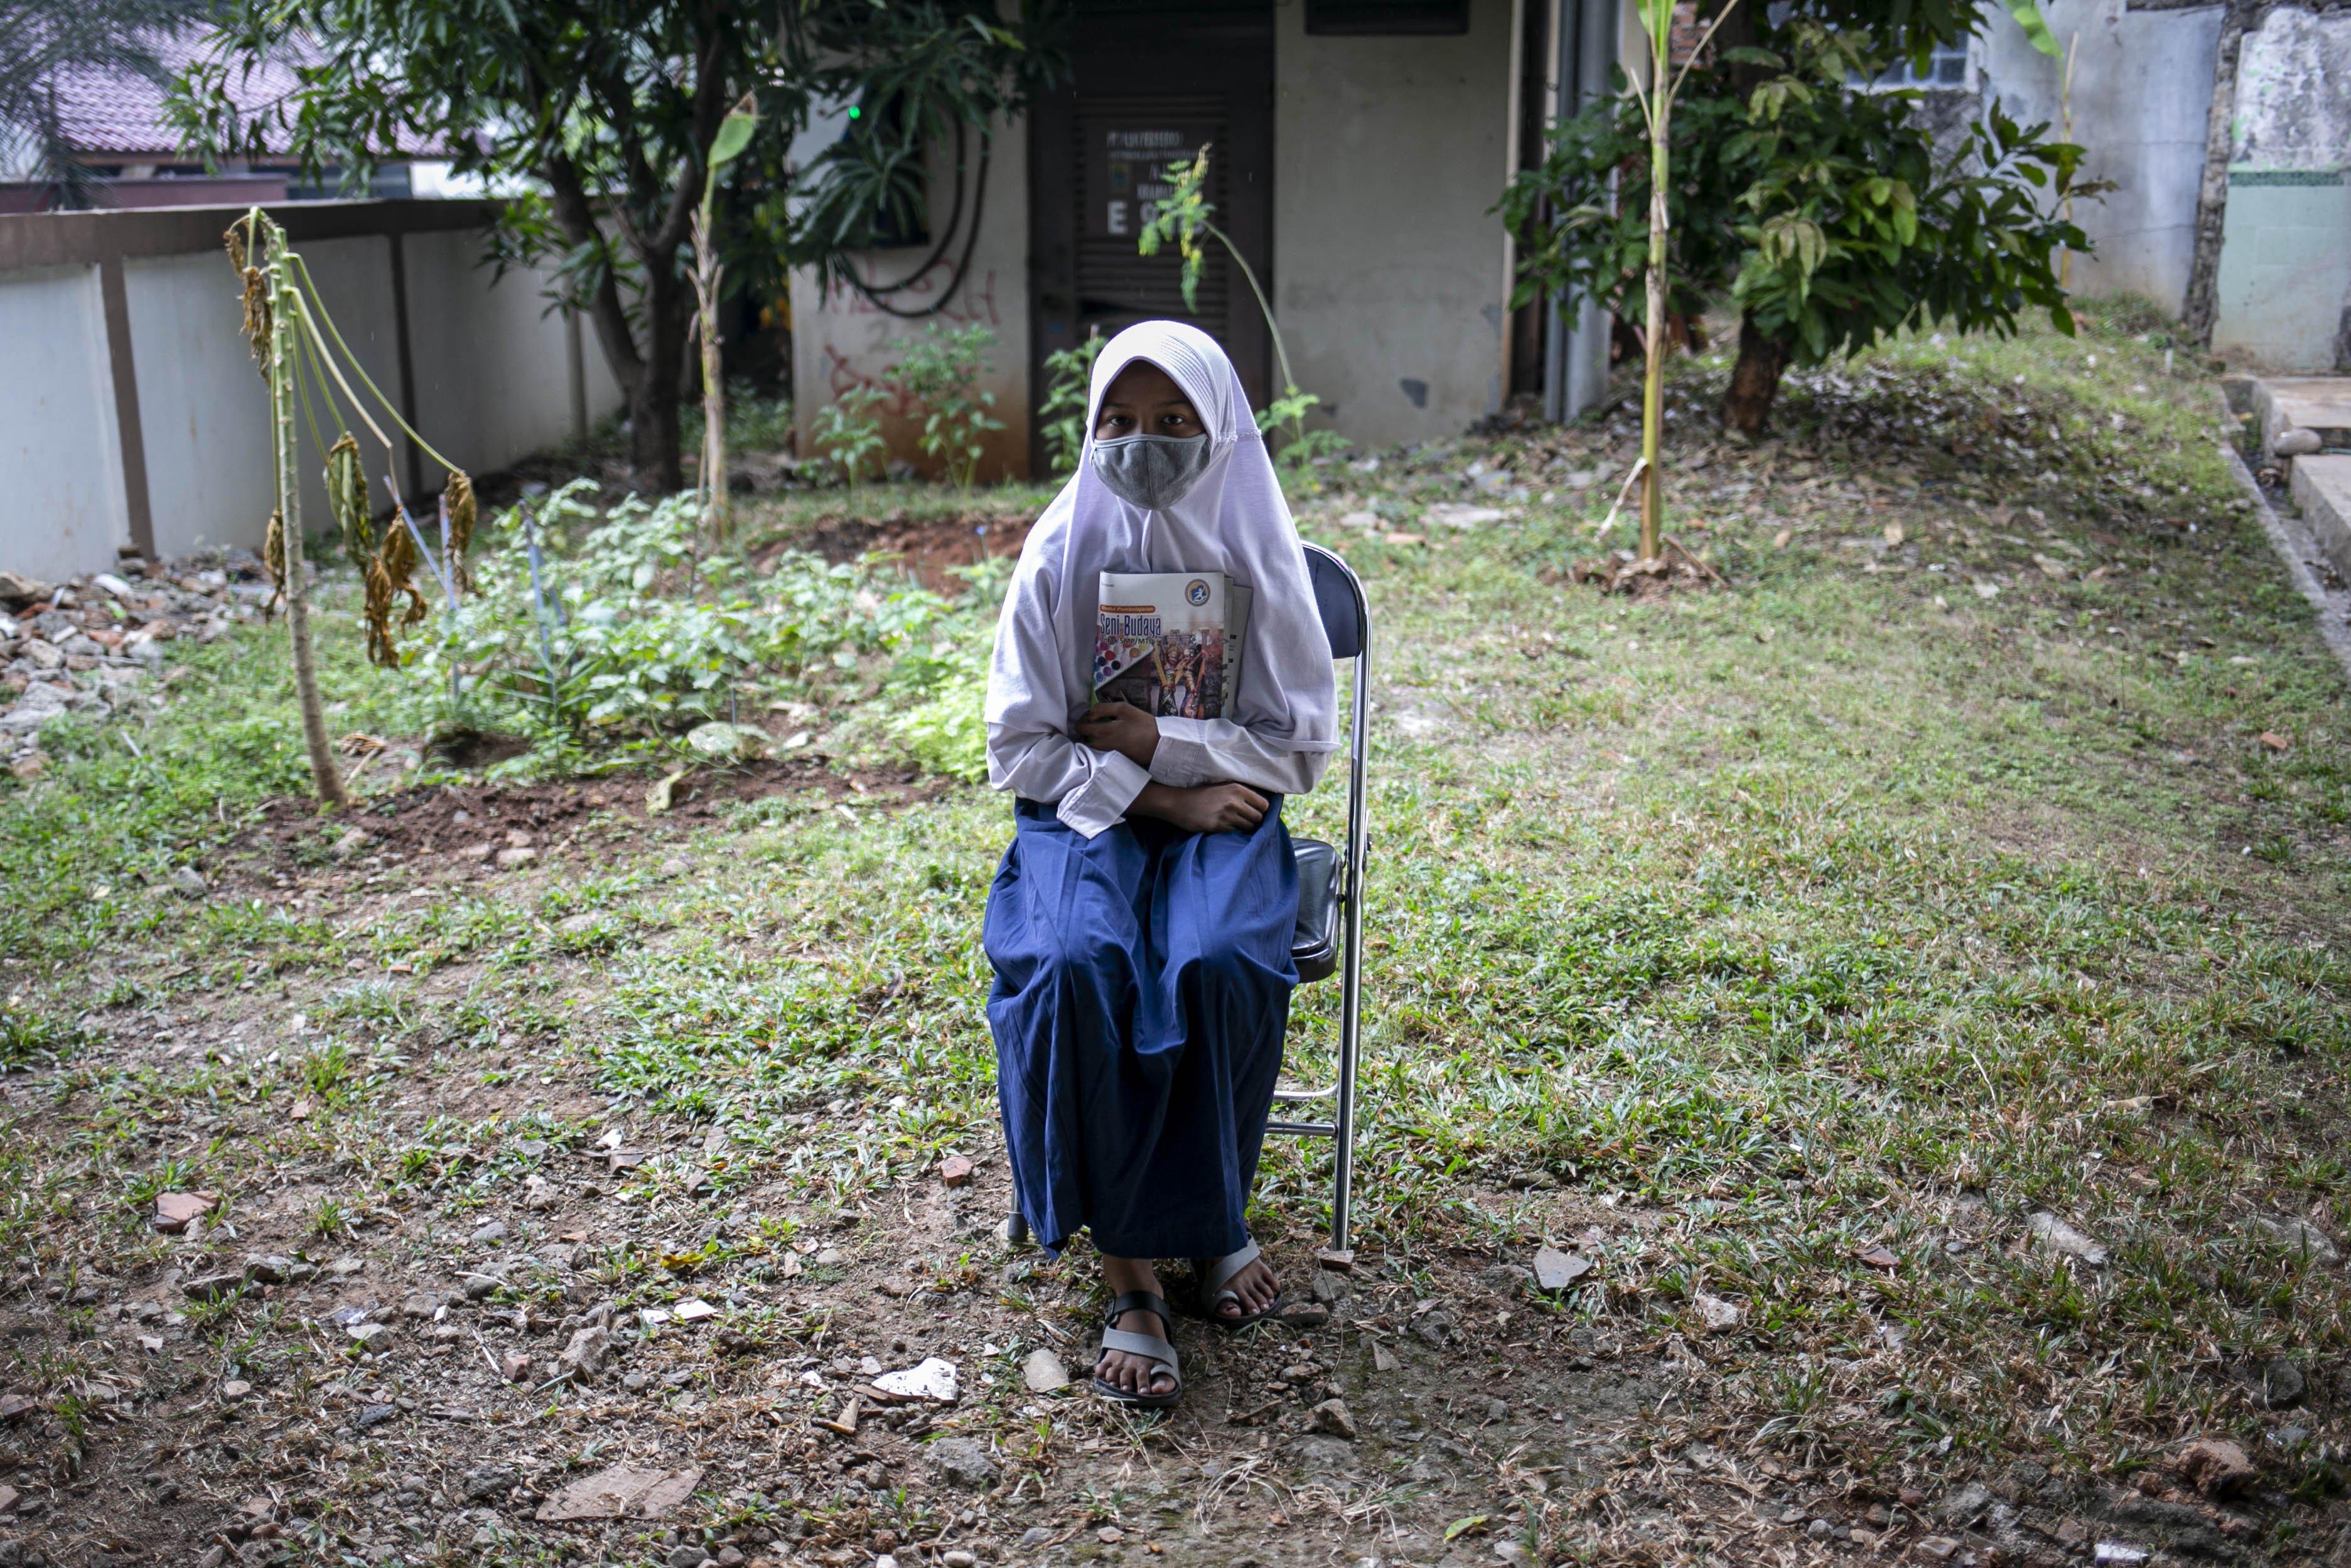 Potrait Raine (13), Siswa SMP PGRI Bekasi sebelum ngikuti belajar secara daring di Kelurahan Jatirahayu, Bekasi, Jawa Barat, Selasa (4/8/2020). Kelurahan tersebut menyediakan fasilitas WiFi untuk siswa-siswi sekolah yang terkendala sistem belajar secara daring.